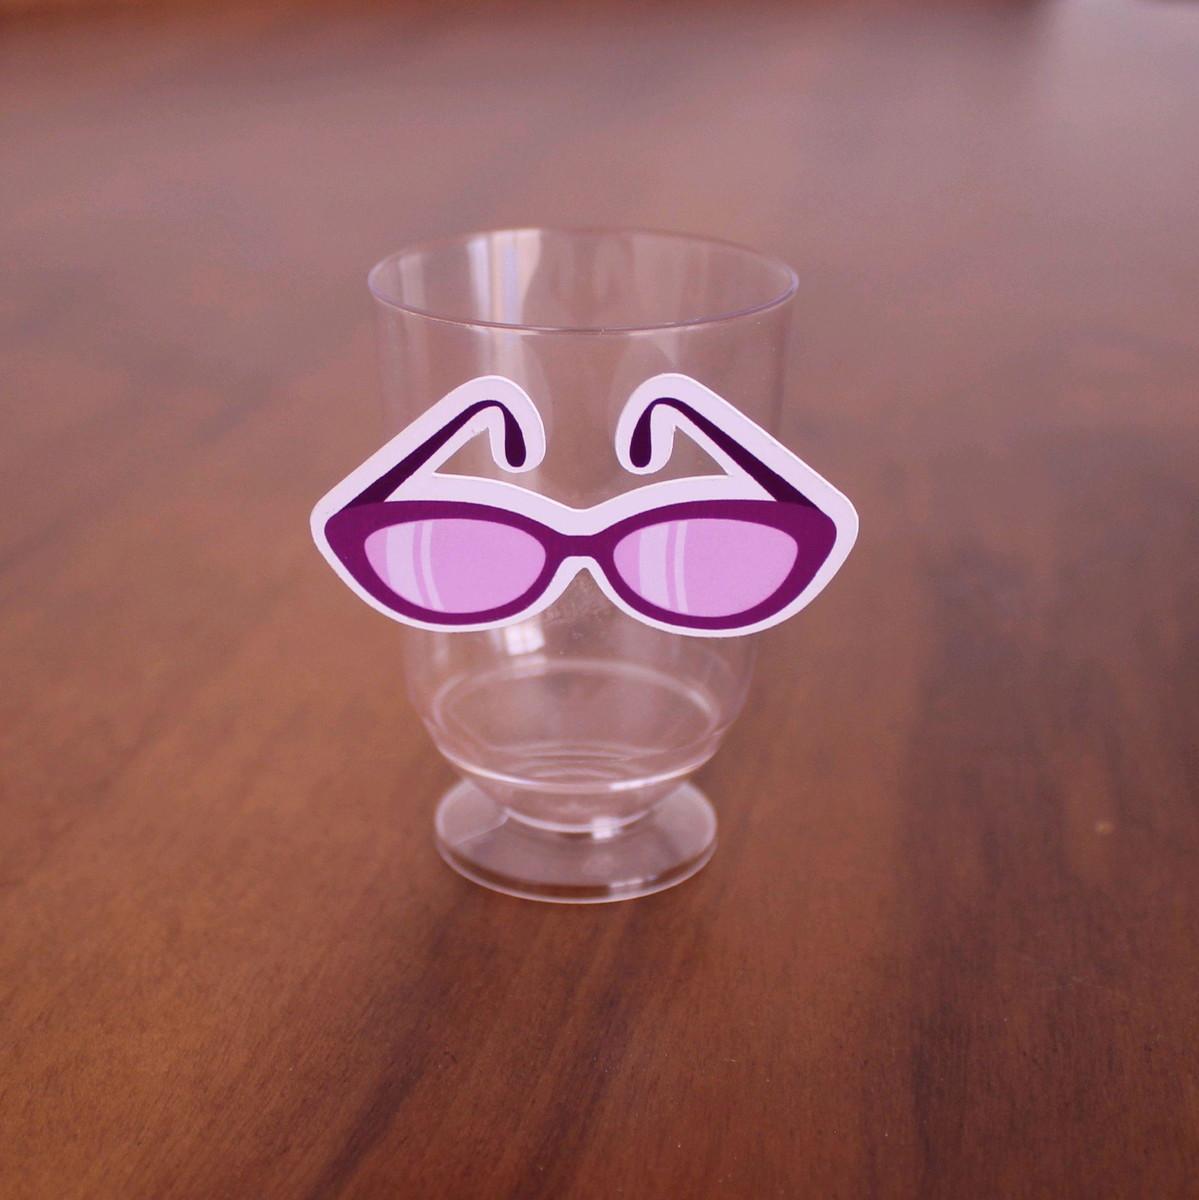 0dcb5c36a Tacinha/Copinho/Taça para doce - moda - óculos de sol no Elo7   A ...